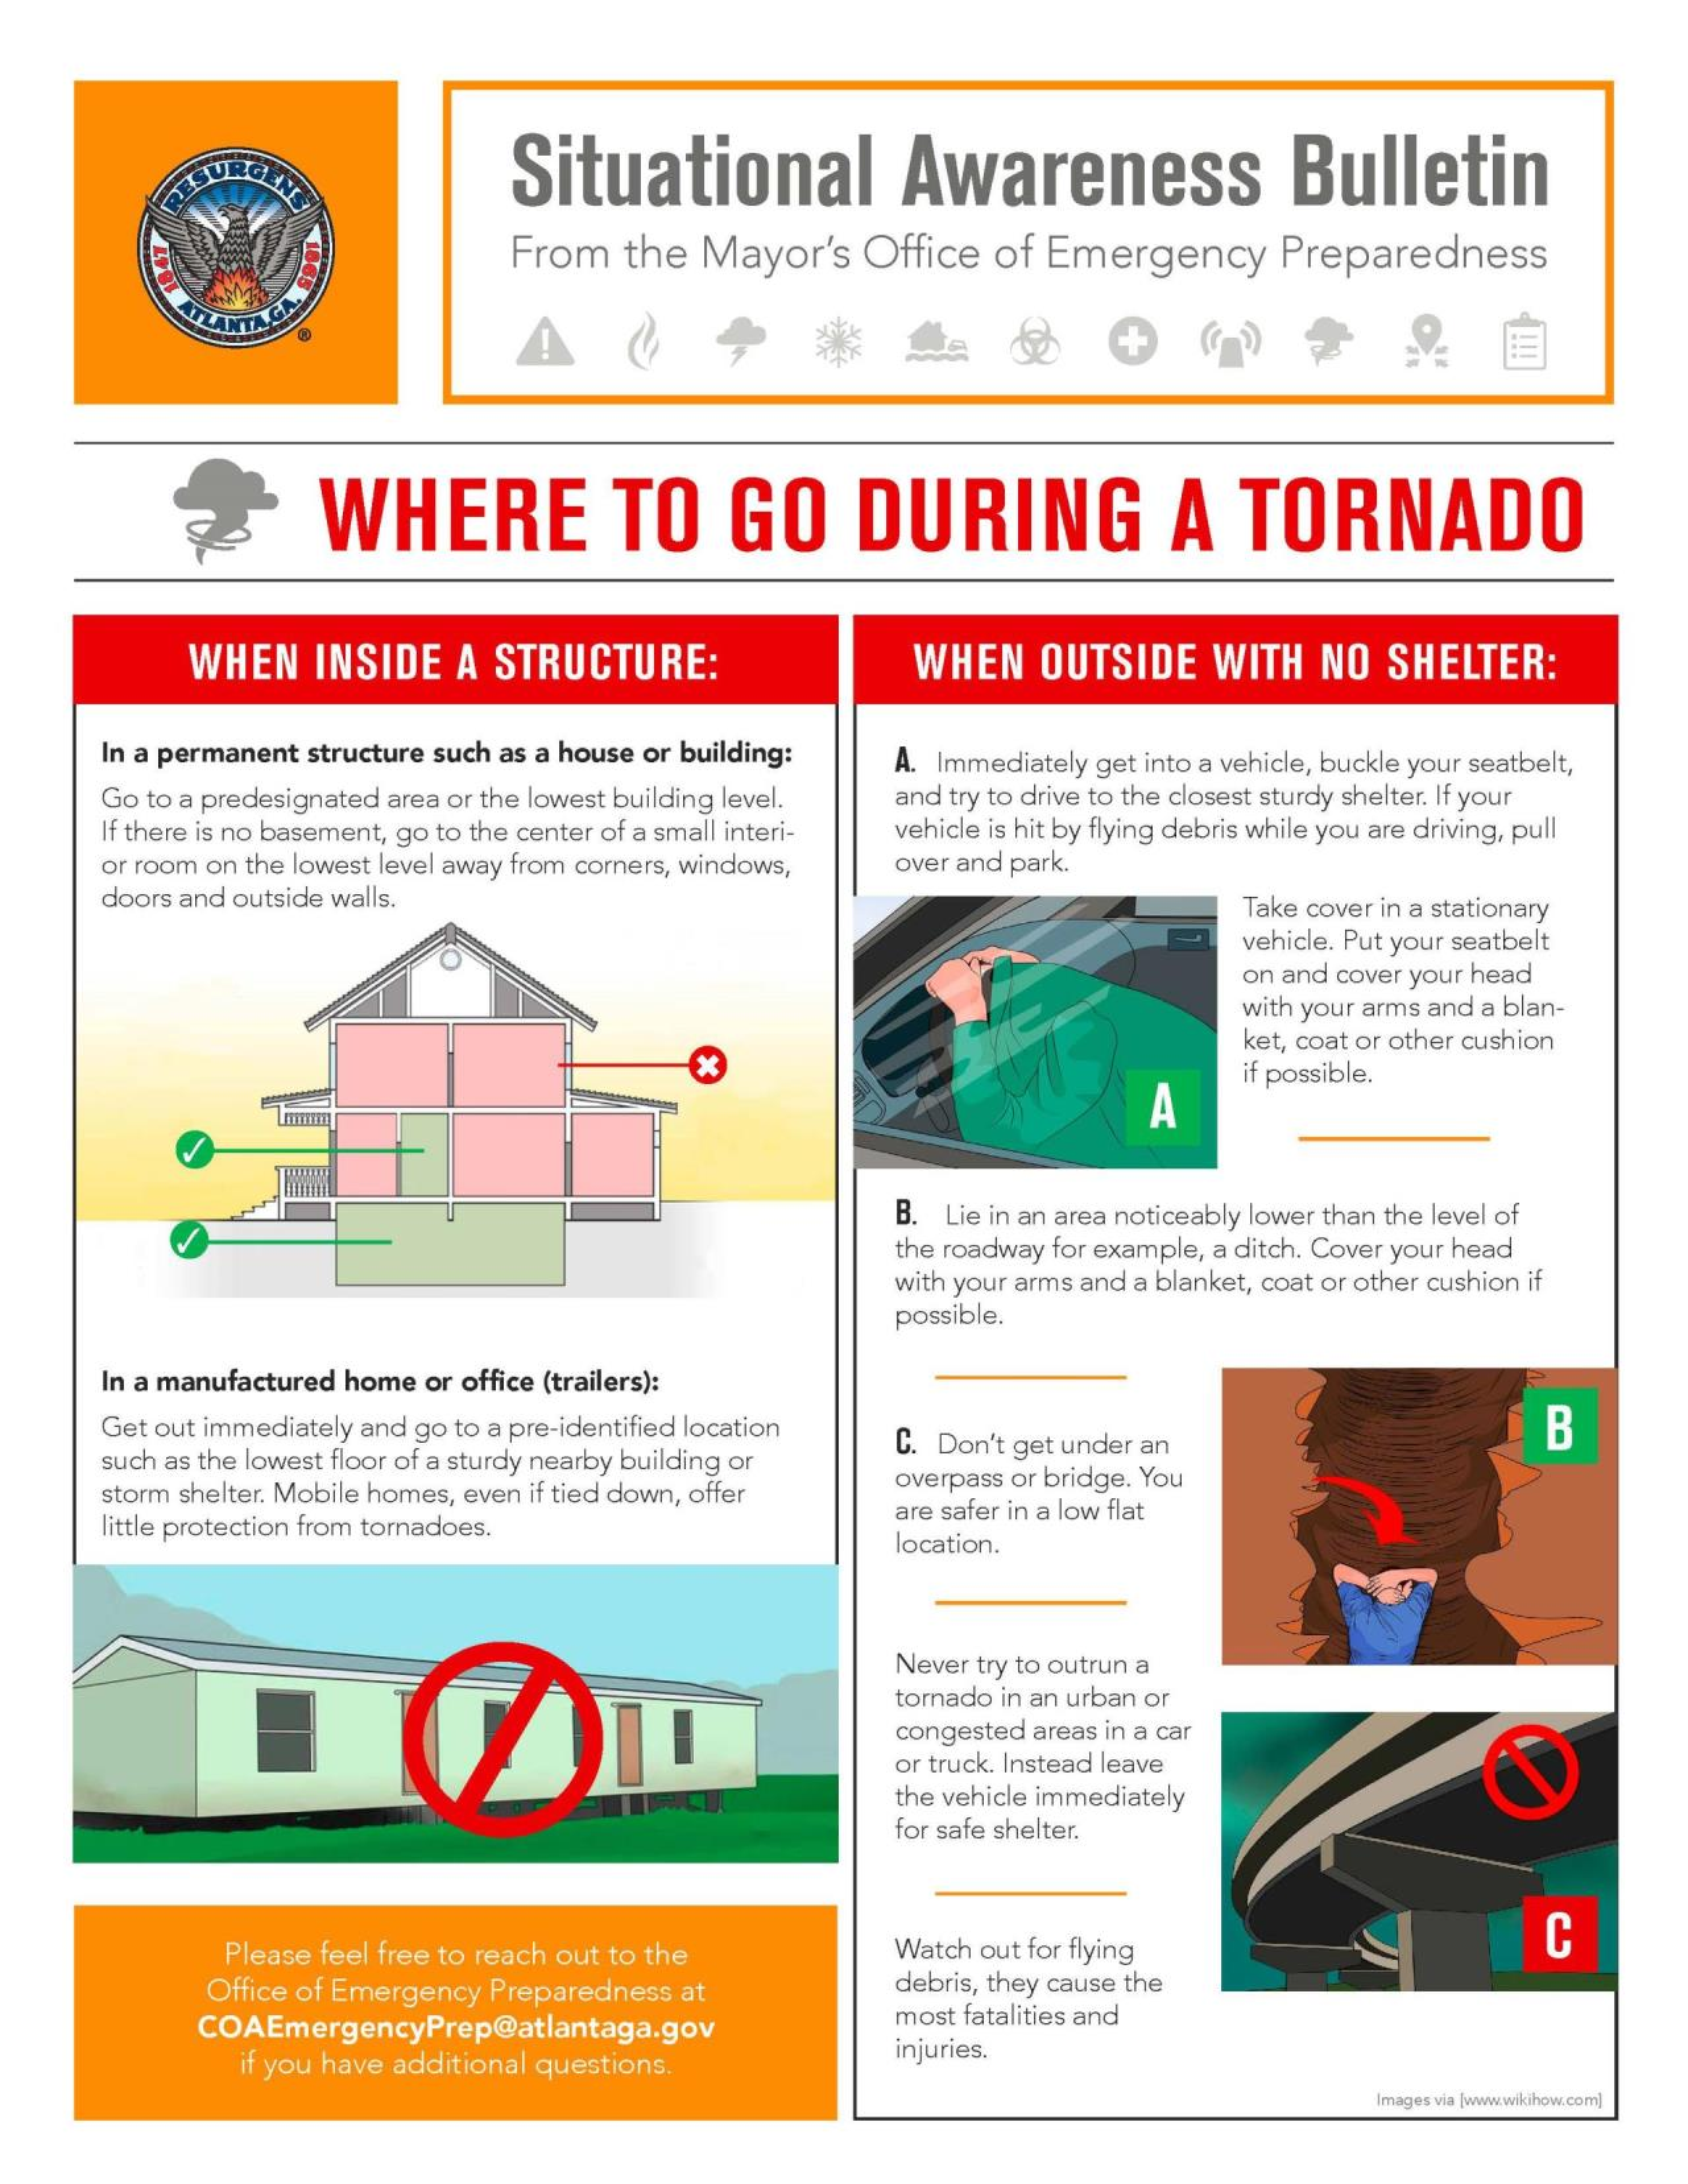 Where to go During a Tornado